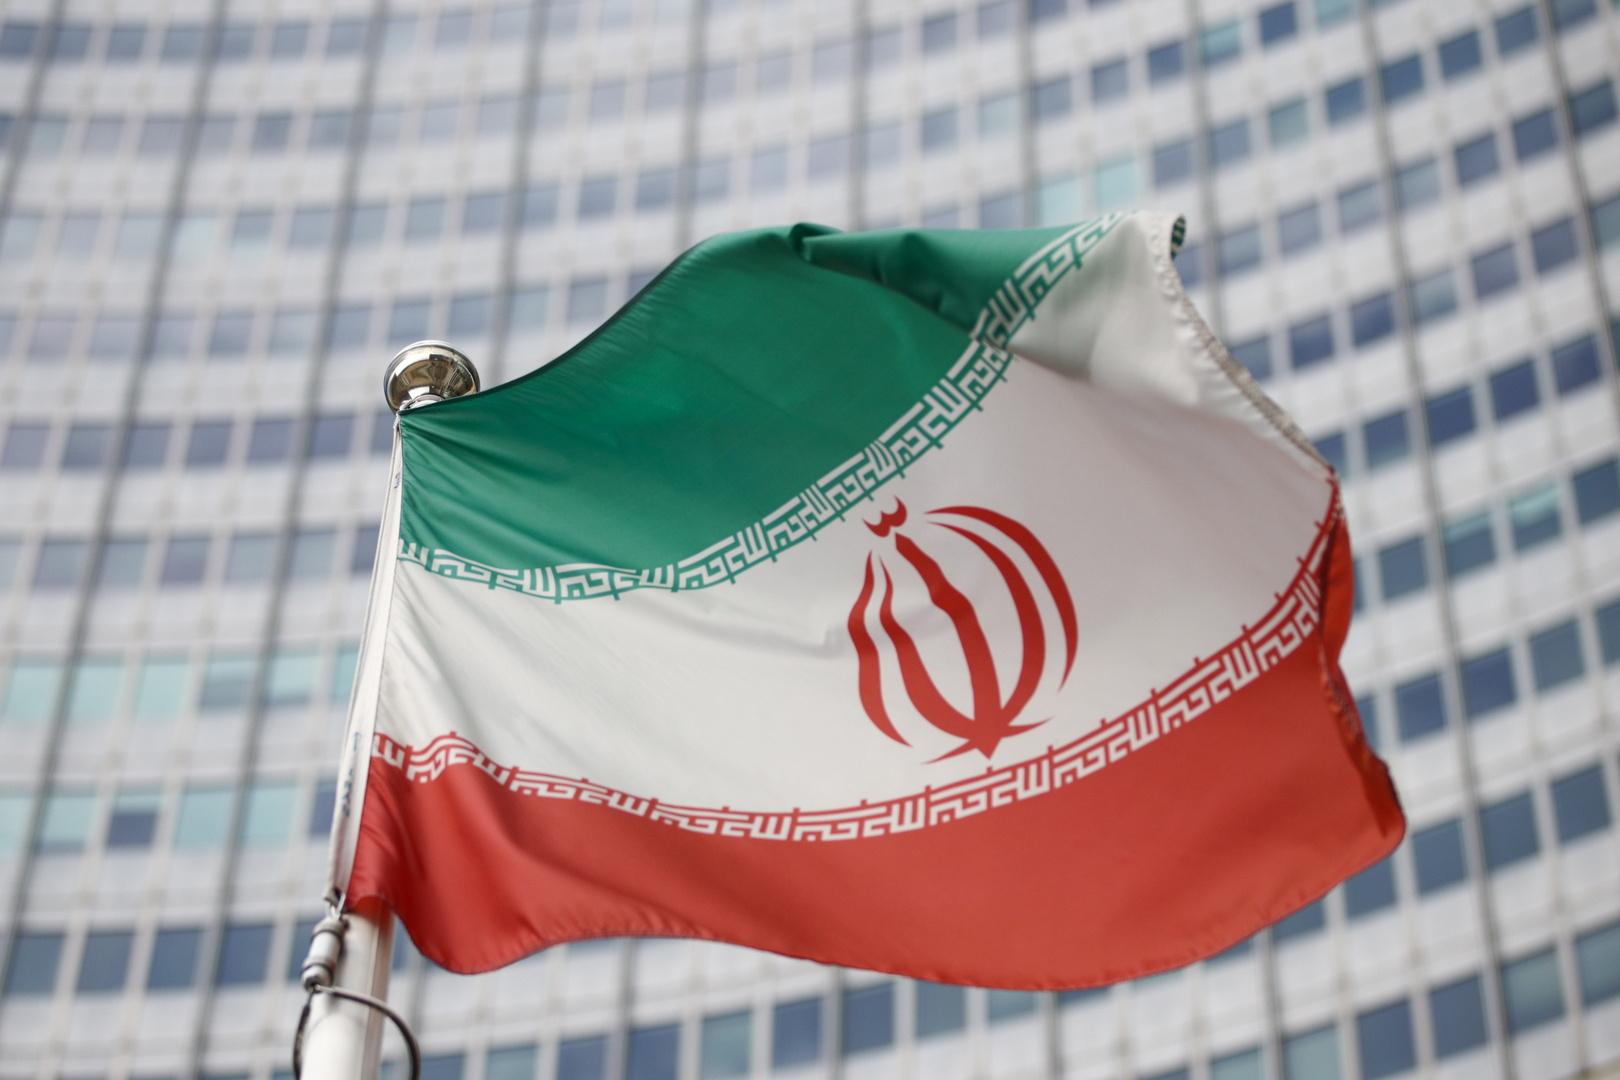 إيران توجه رسائل للسعودية بعد التصعيد الكبير في حرب اليمن